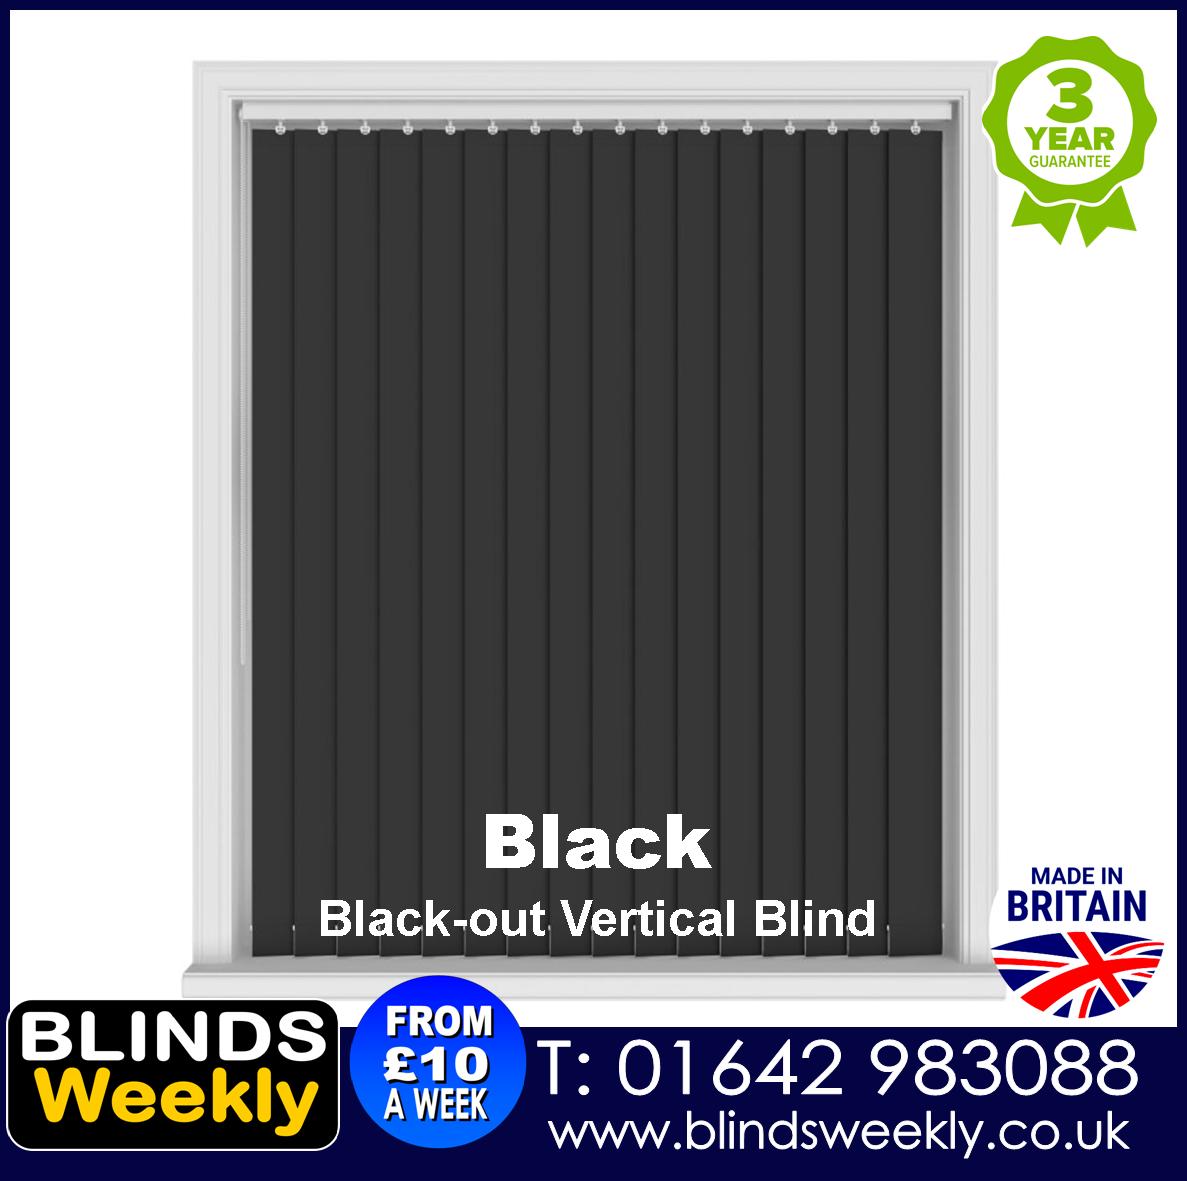 Blinds Weekly Blackout Vertical Blind - BLACK